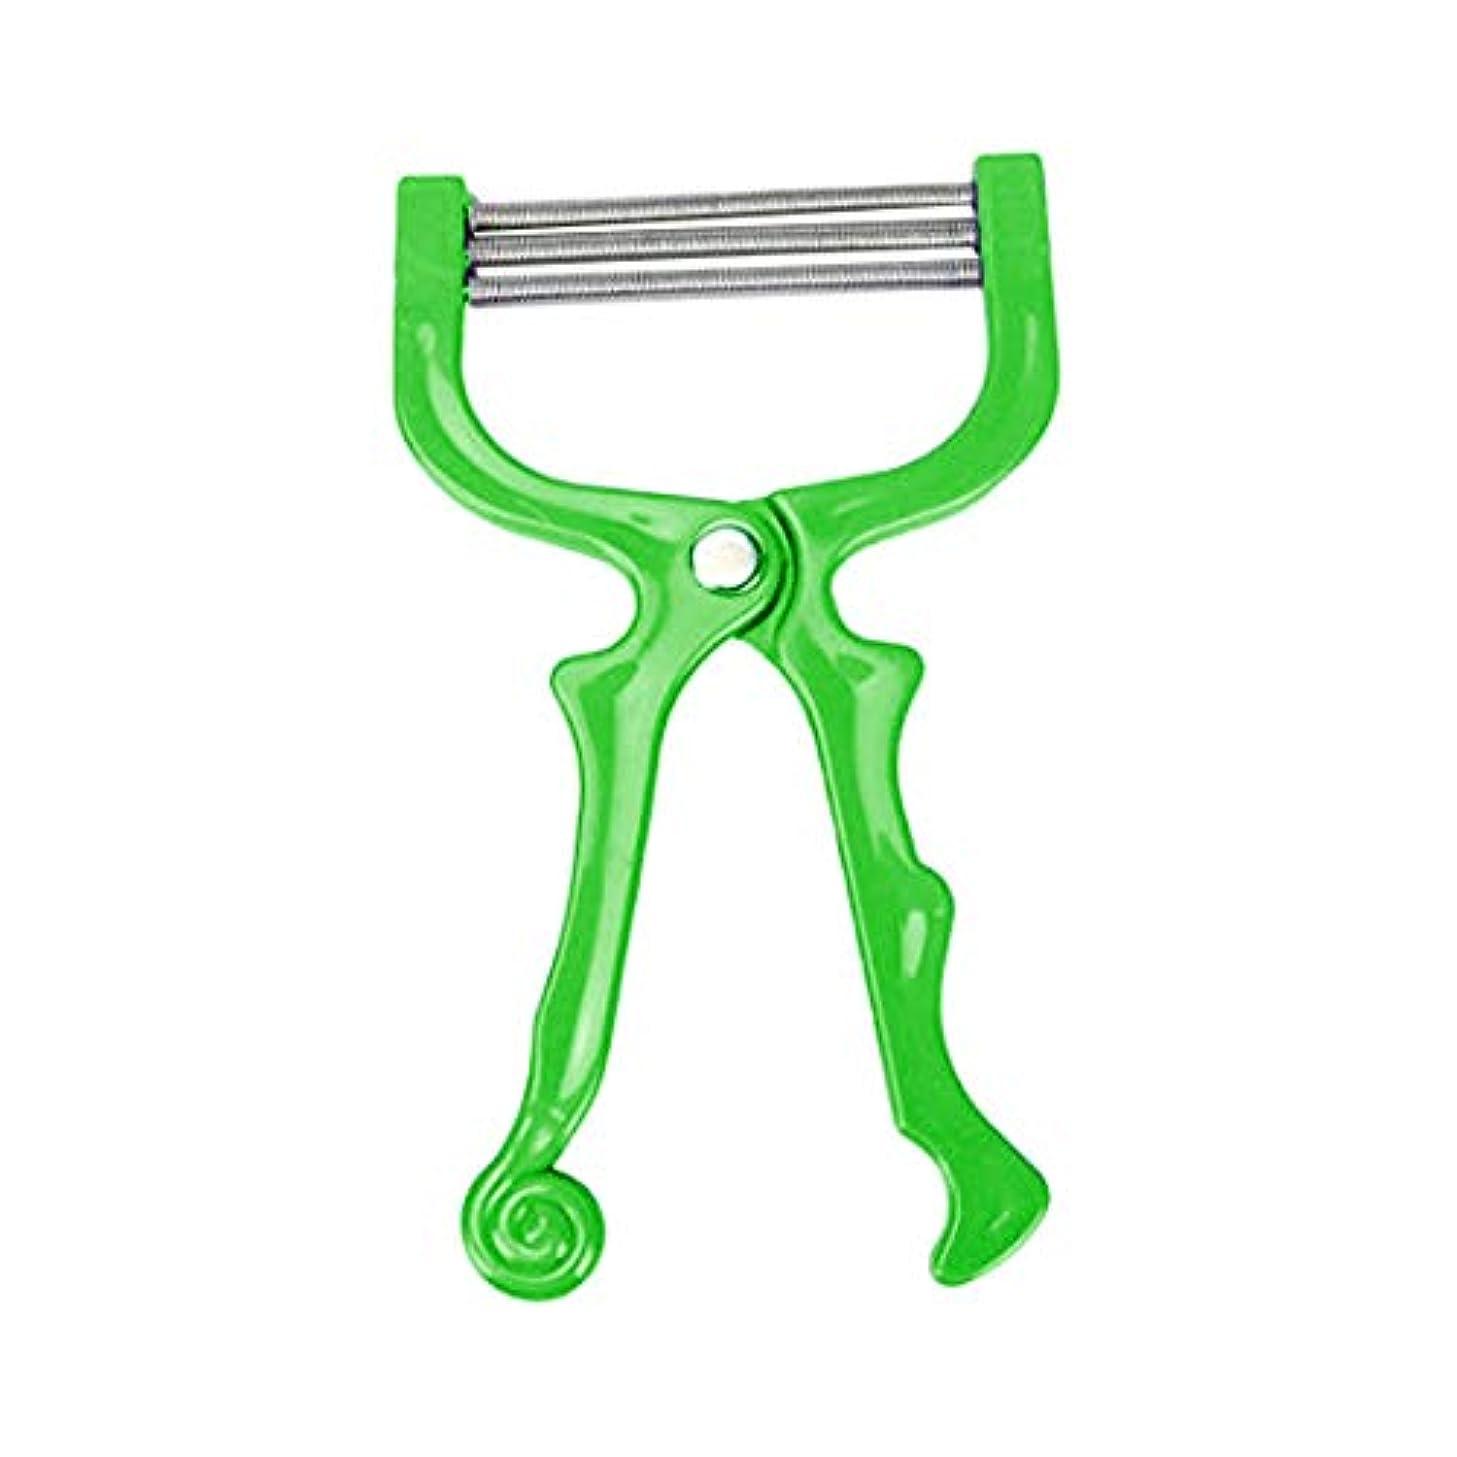 動的できない入札美顔術3春糸除去脱毛器高品質安全美顔術脱毛器ツール